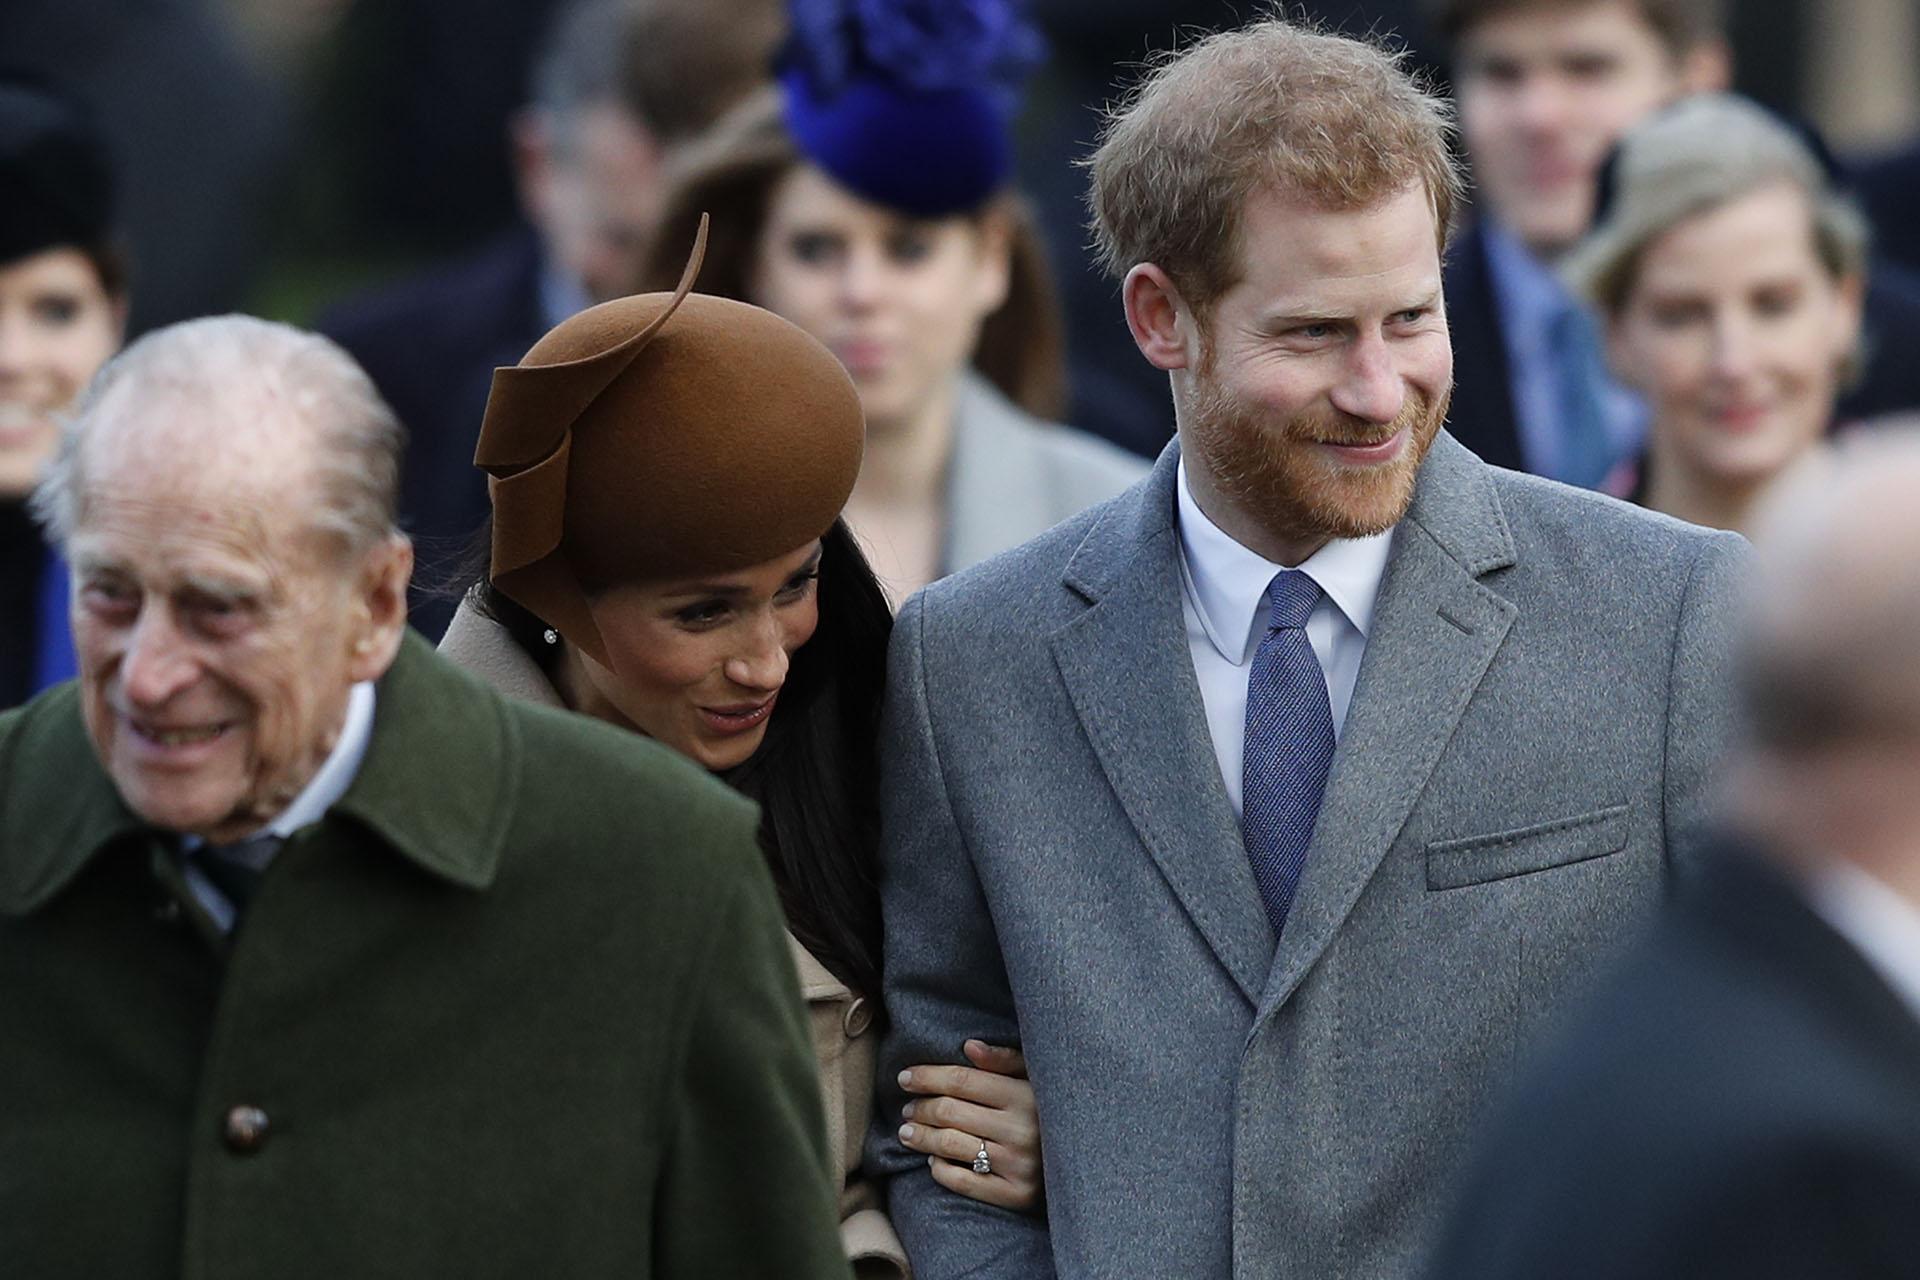 Tras el anuncio oficial de su boda con el príncipe Harry, que se llevará a cabo en 2018, Meghan Markle acapara la atención de la prensa internacional